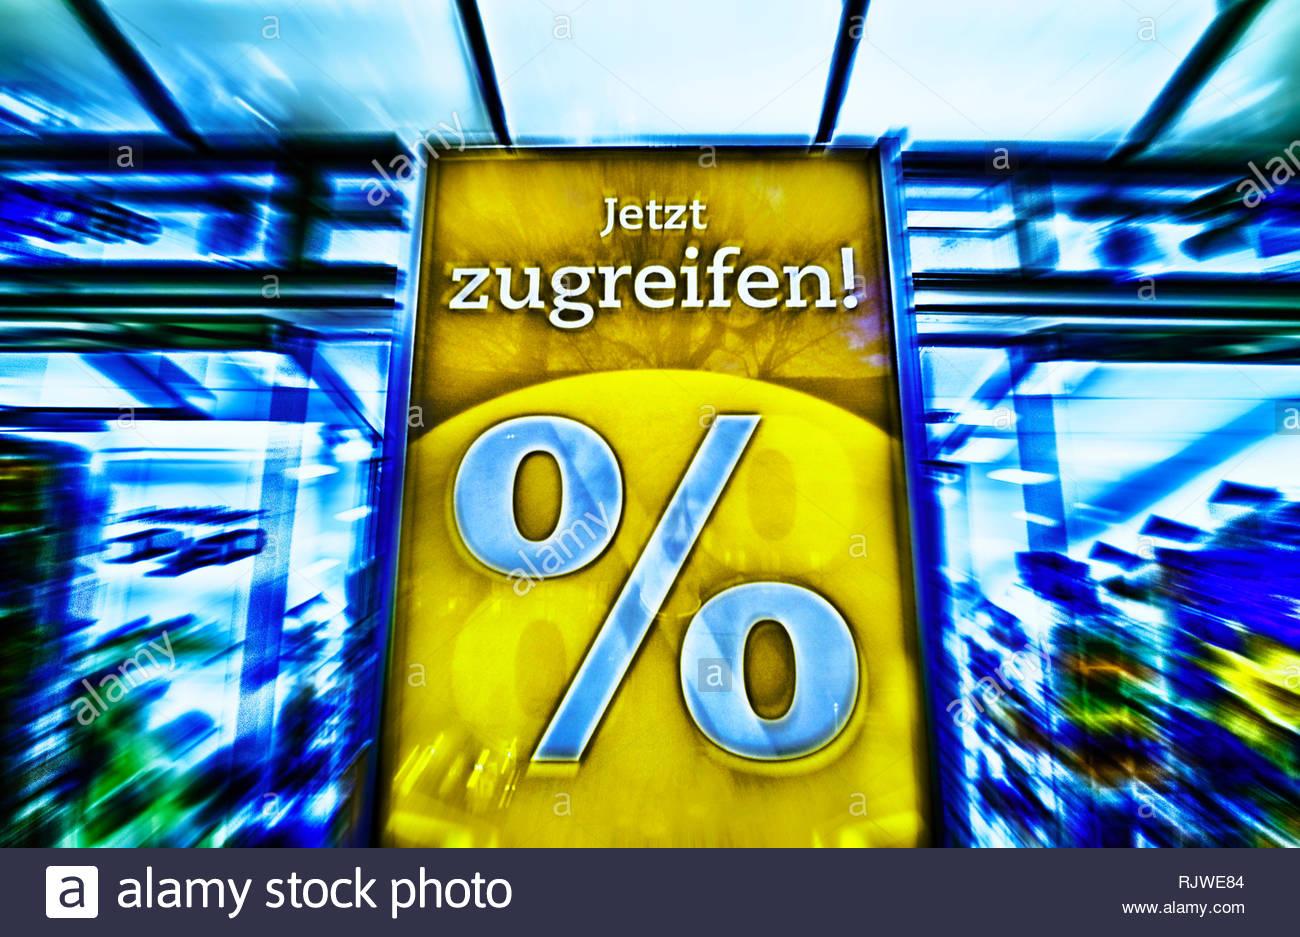 Germany. sale, special offer, bargain, discount, sales per cent. [M]   Deutschland. Schlussverkauf, Schnaeppchen, Discount, Verkaufsprozente, Prozente - Stock Image